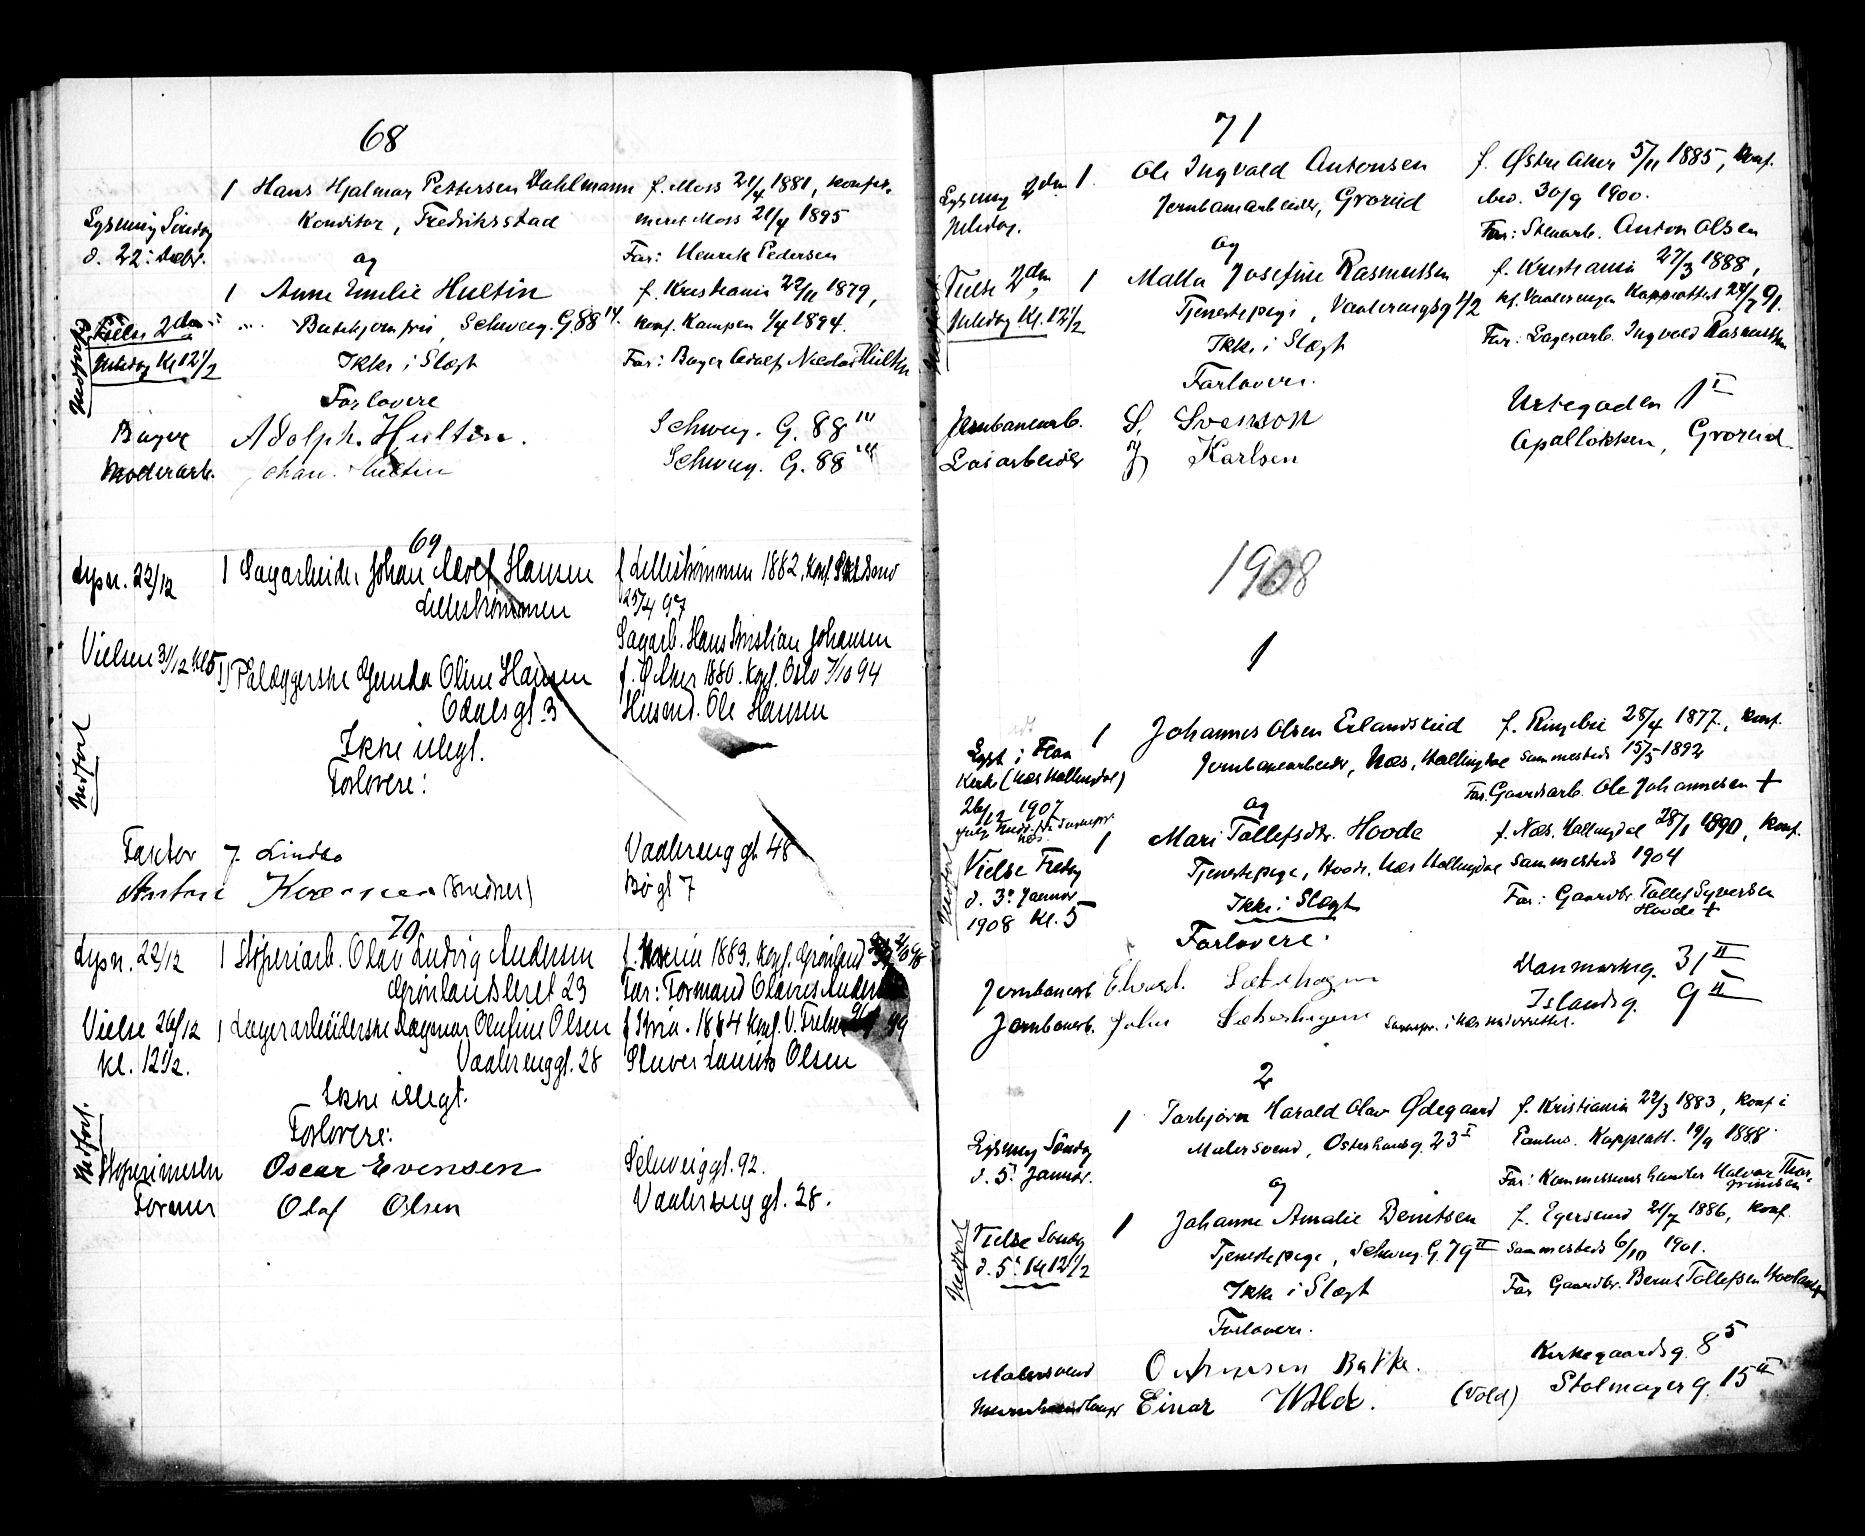 SAO, Vålerengen prestekontor Kirkebøker, H/Ha/L0001: Lysningsprotokoll nr. 1, 1899-1910